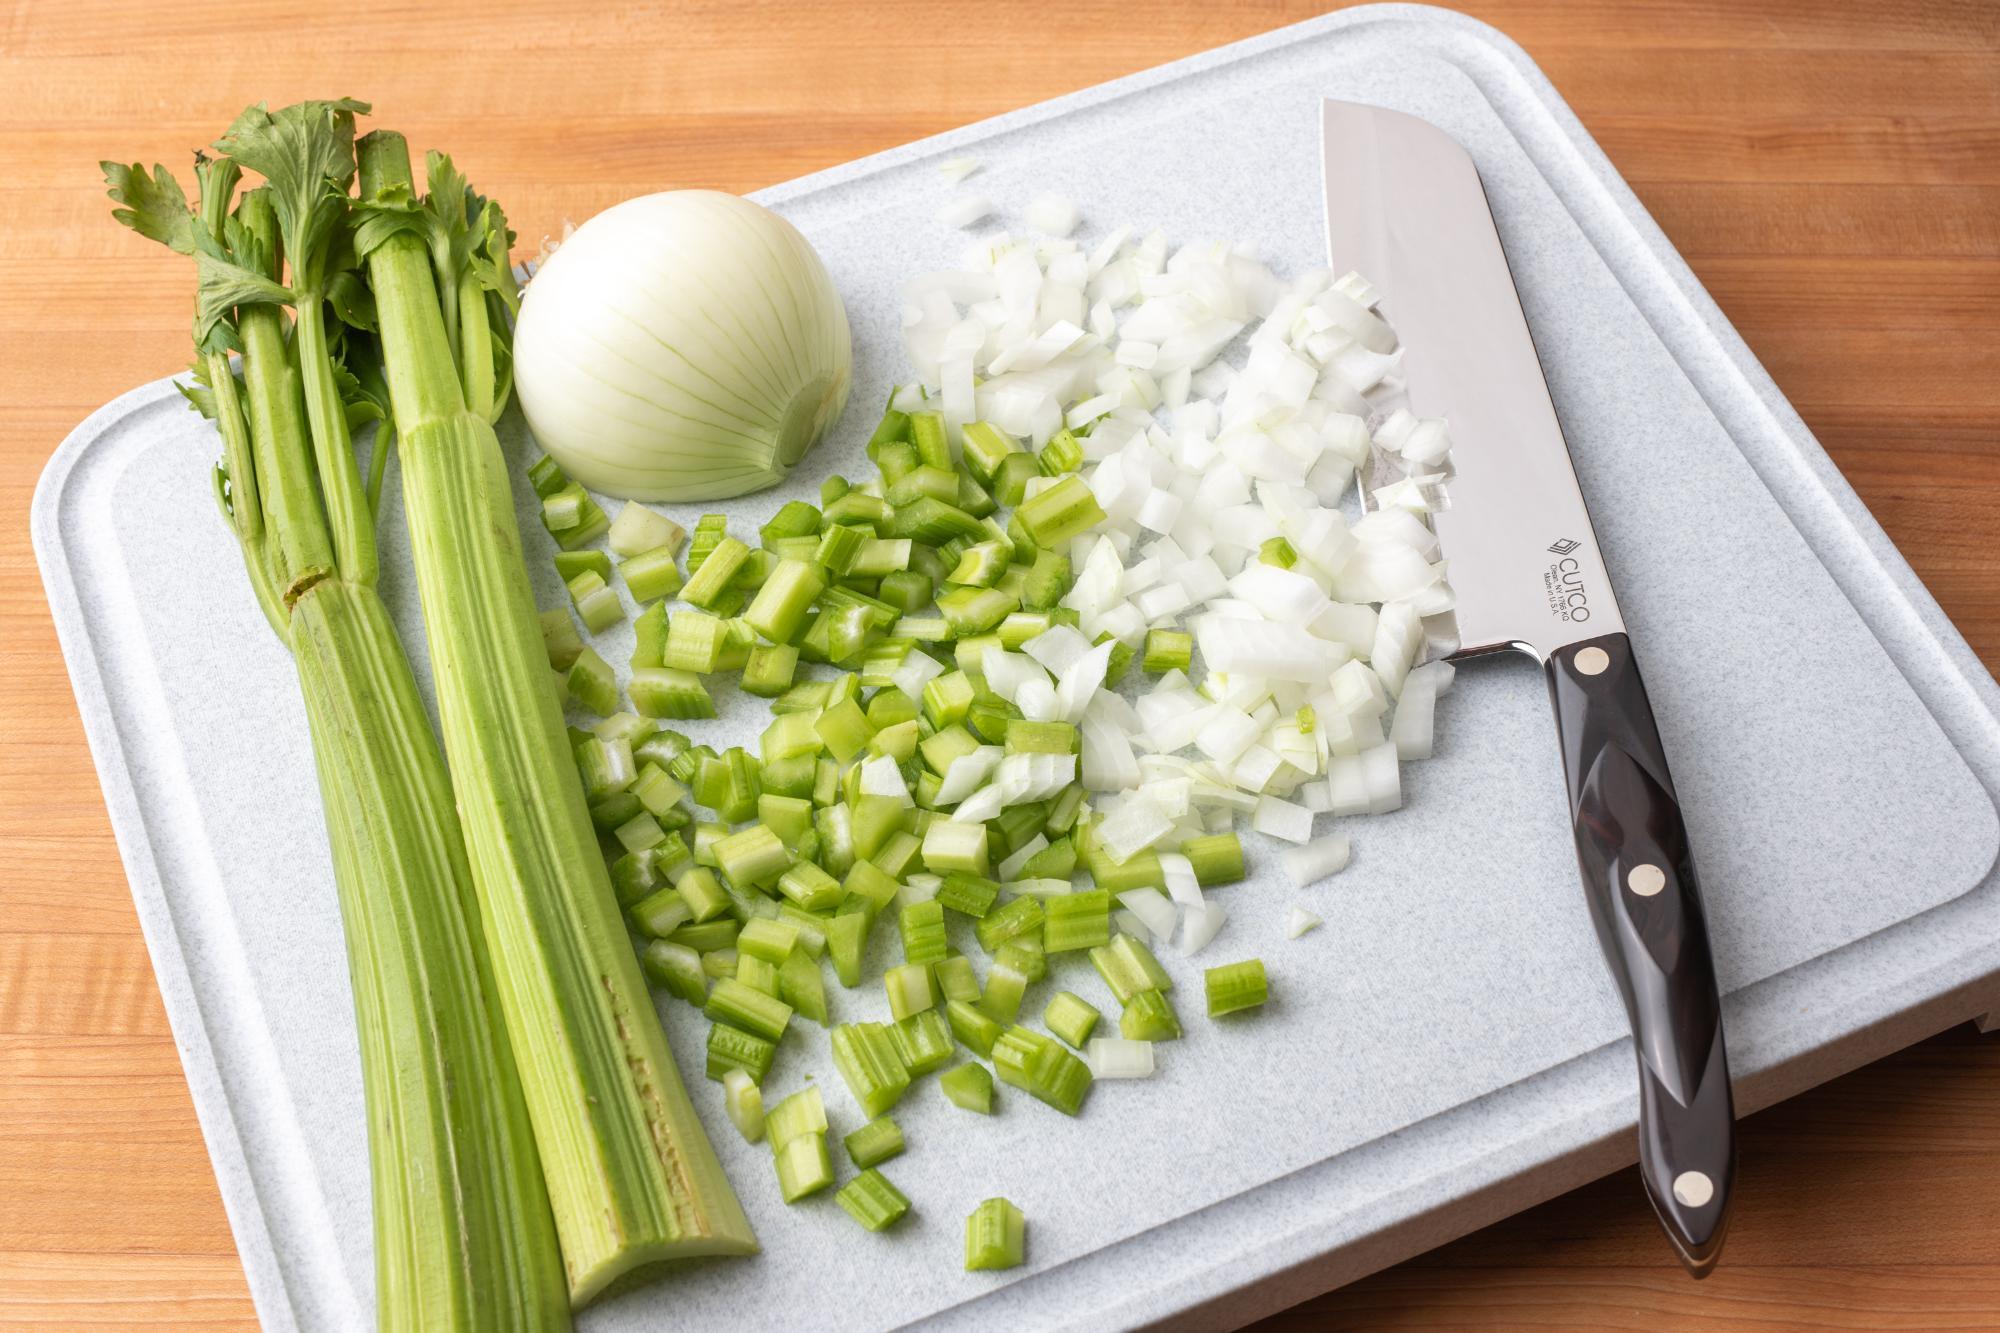 Diced celery and onion with a Santoku knife.